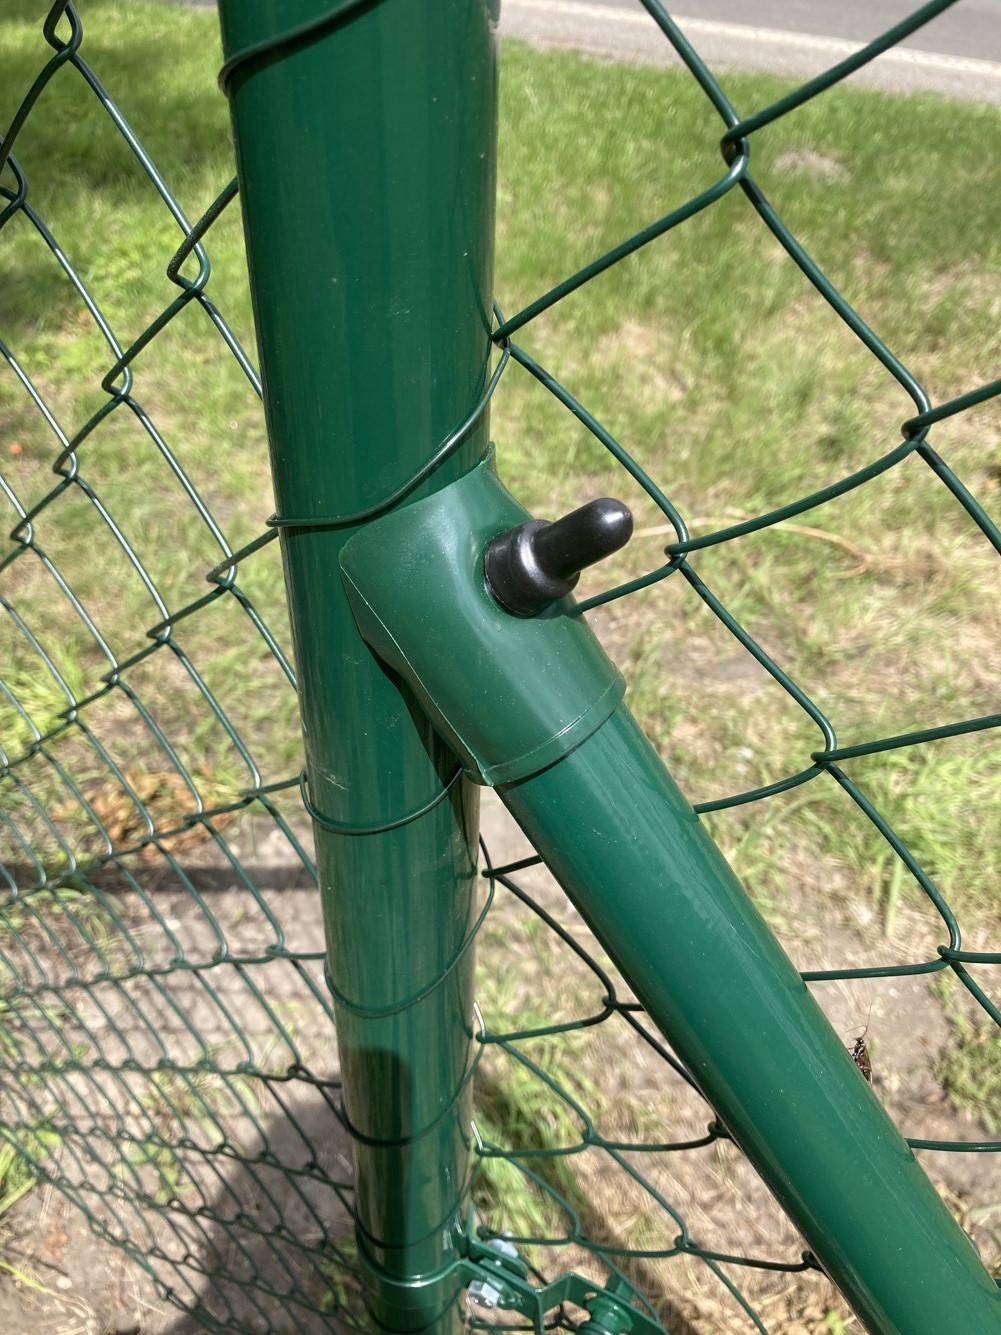 Vzpěra poplastovaná - Zn+PVC, výška 250 cm, 38 mm průměr